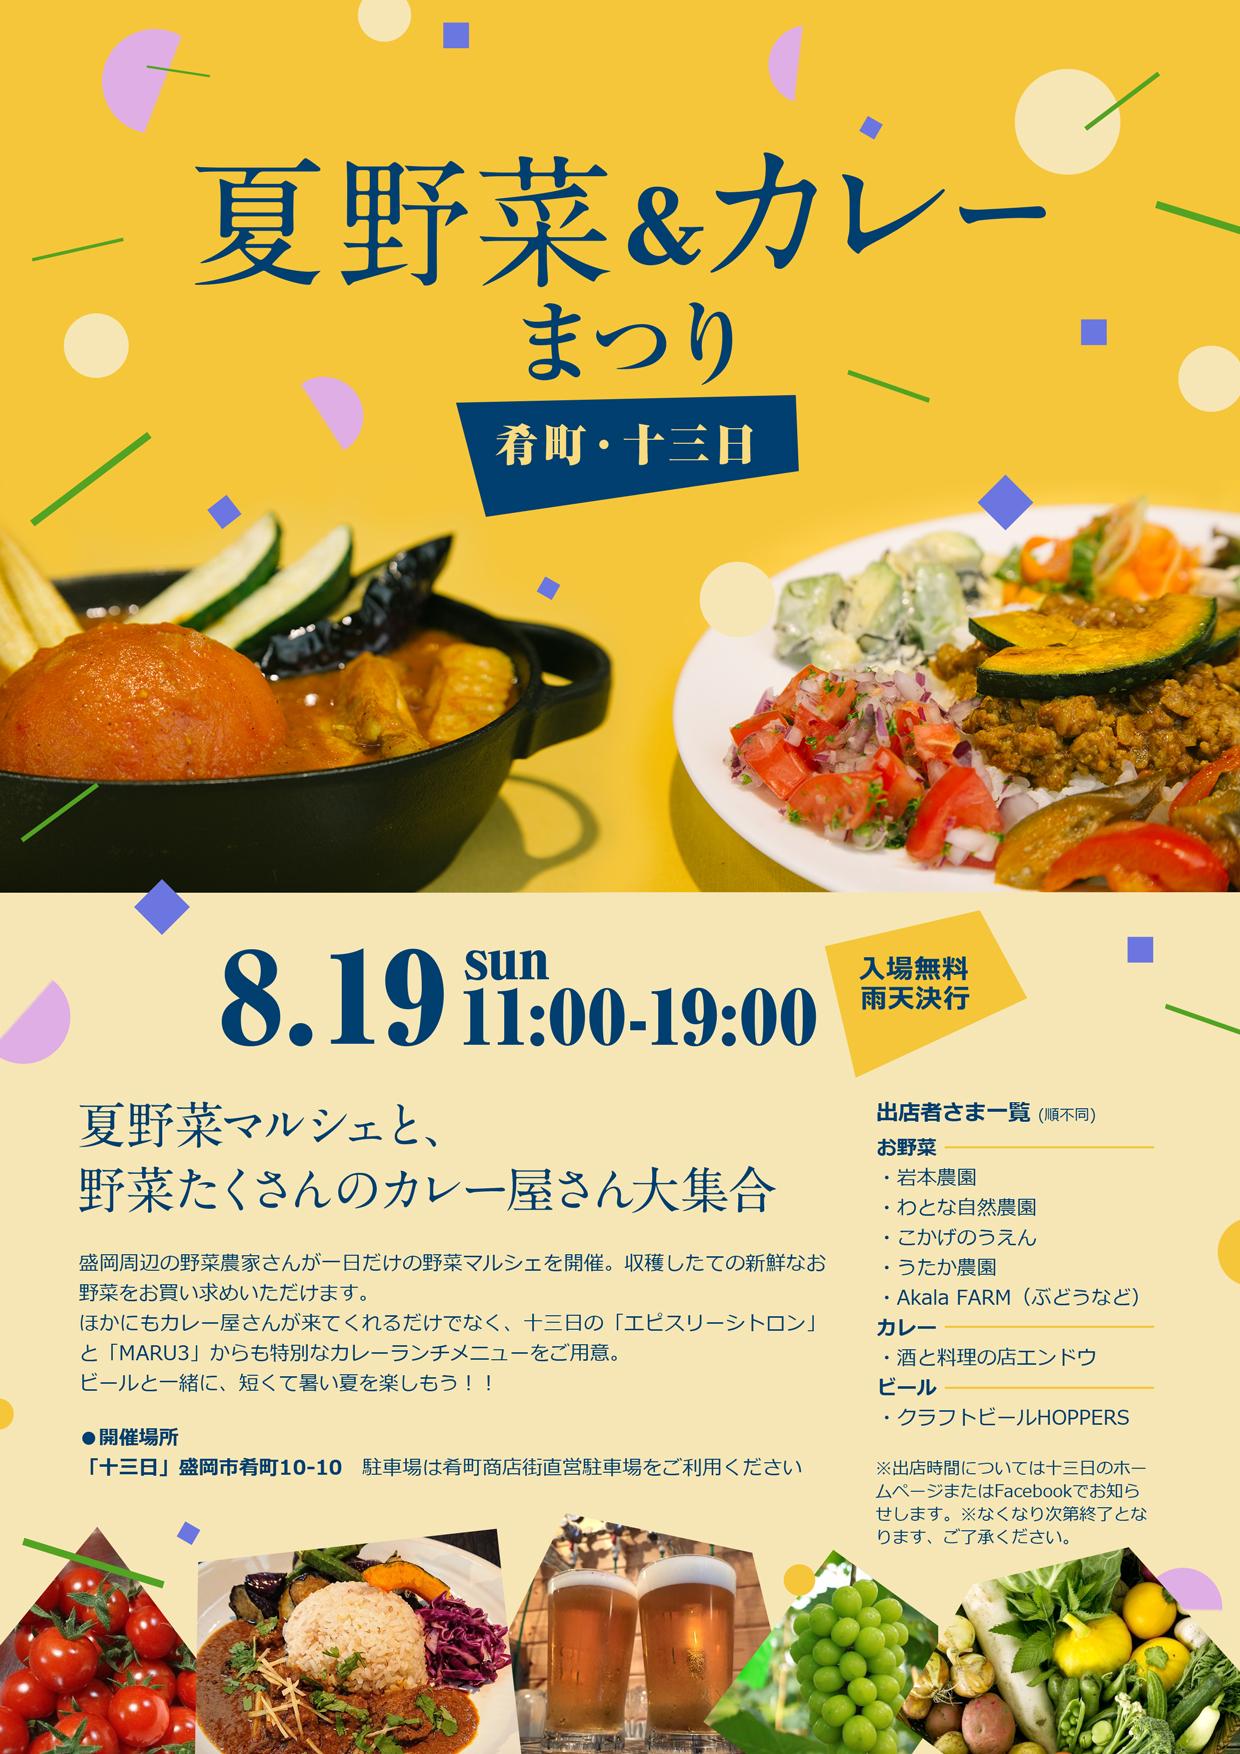 【8月29日開催】夏野菜とカレー祭り